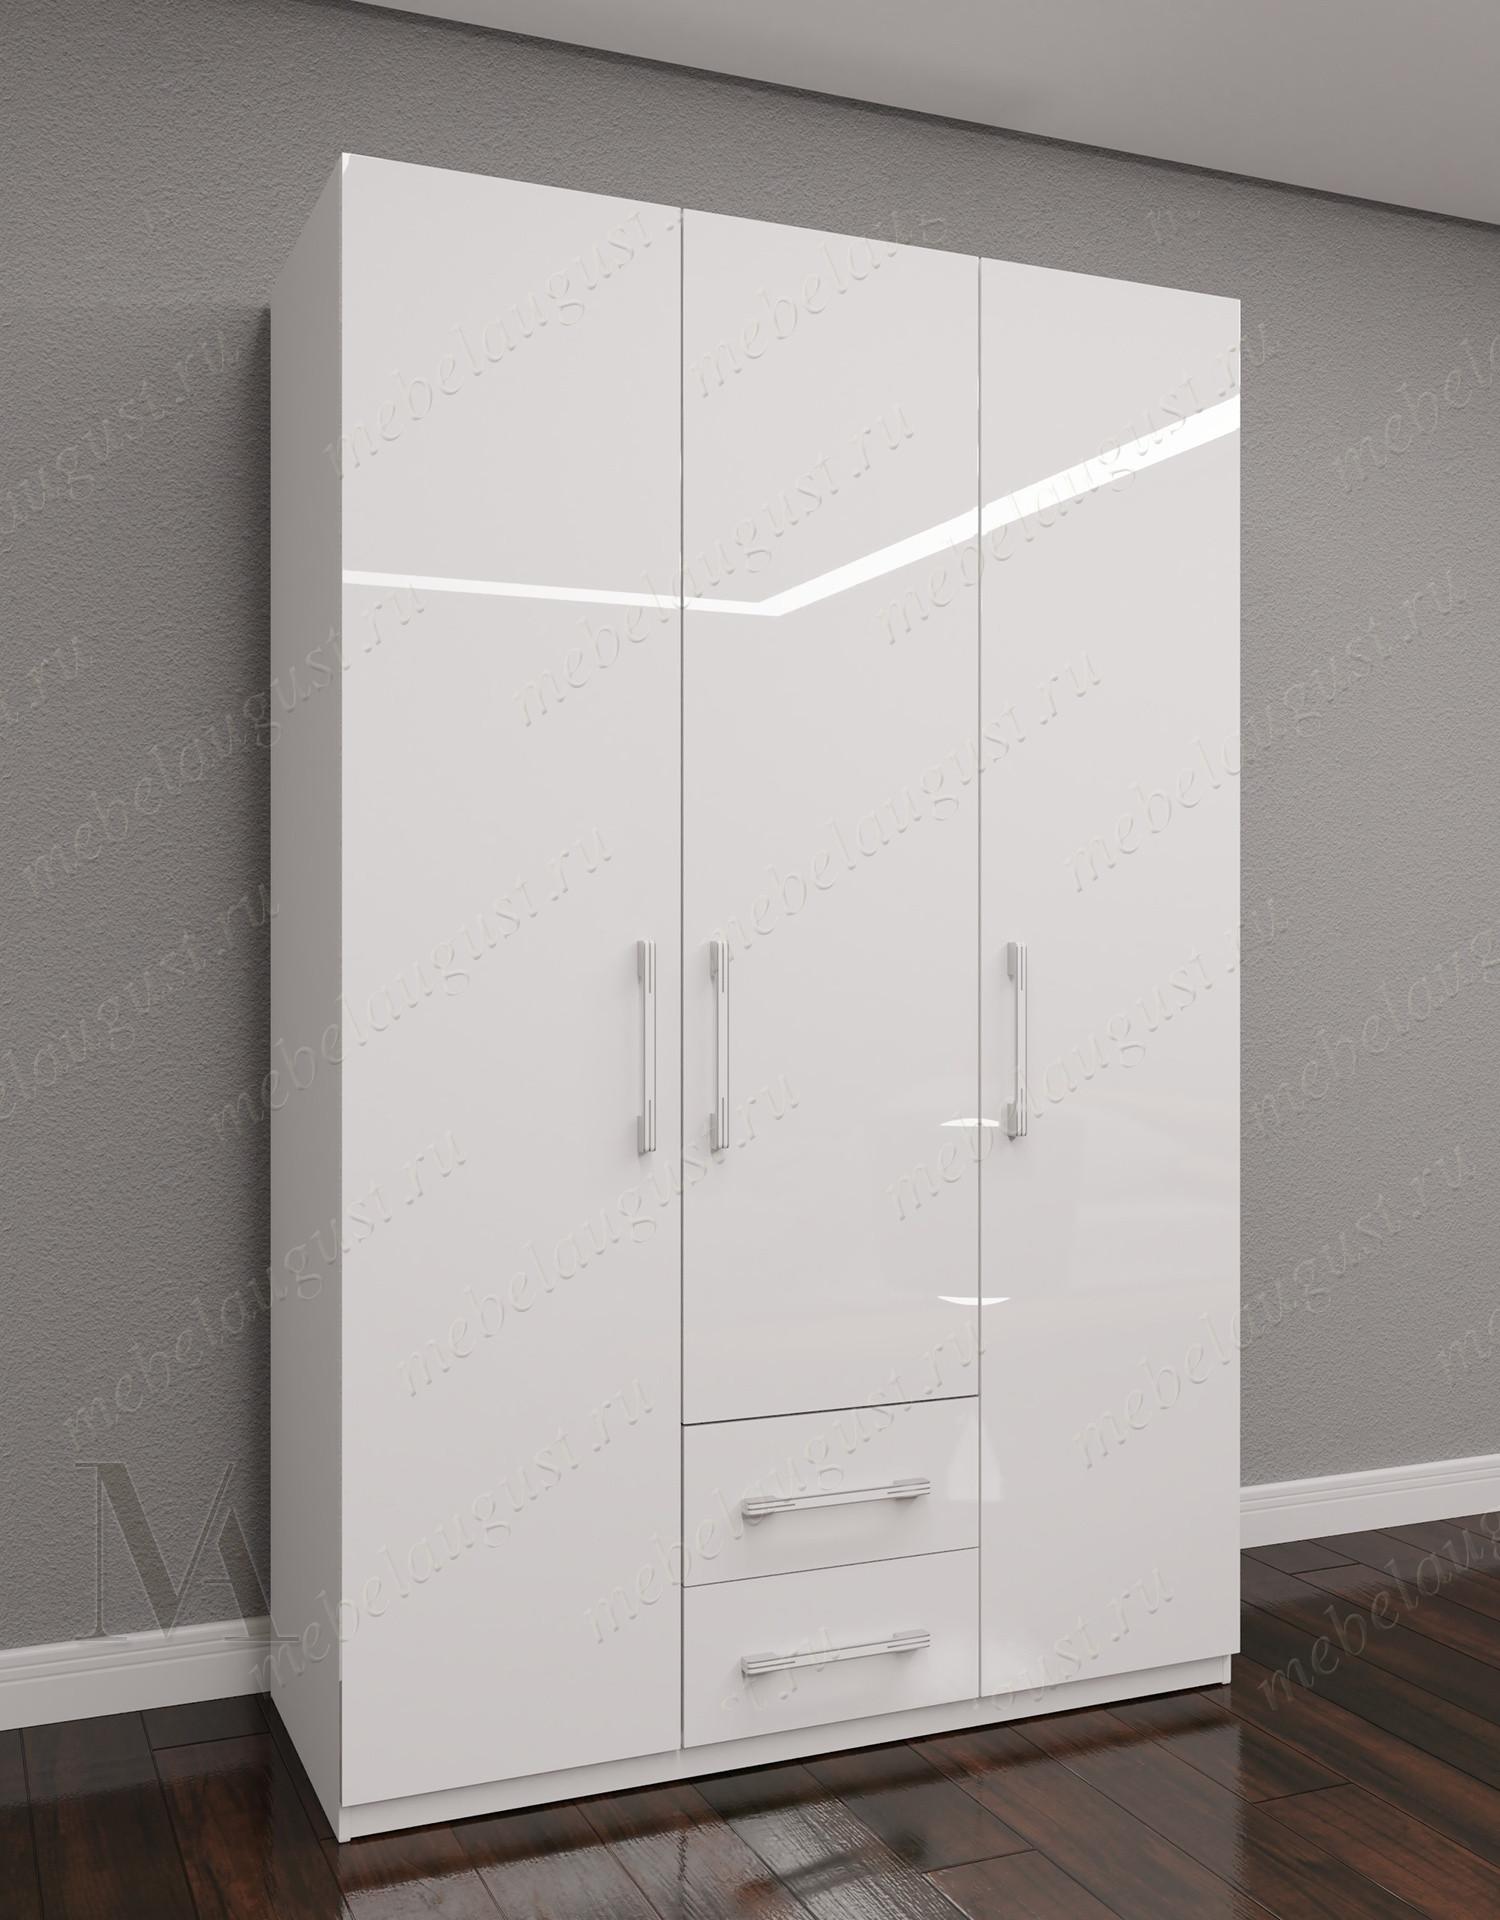 Большой распашной шкаф для одежды с ящиками для мелочей в спальню цвета белый глянец